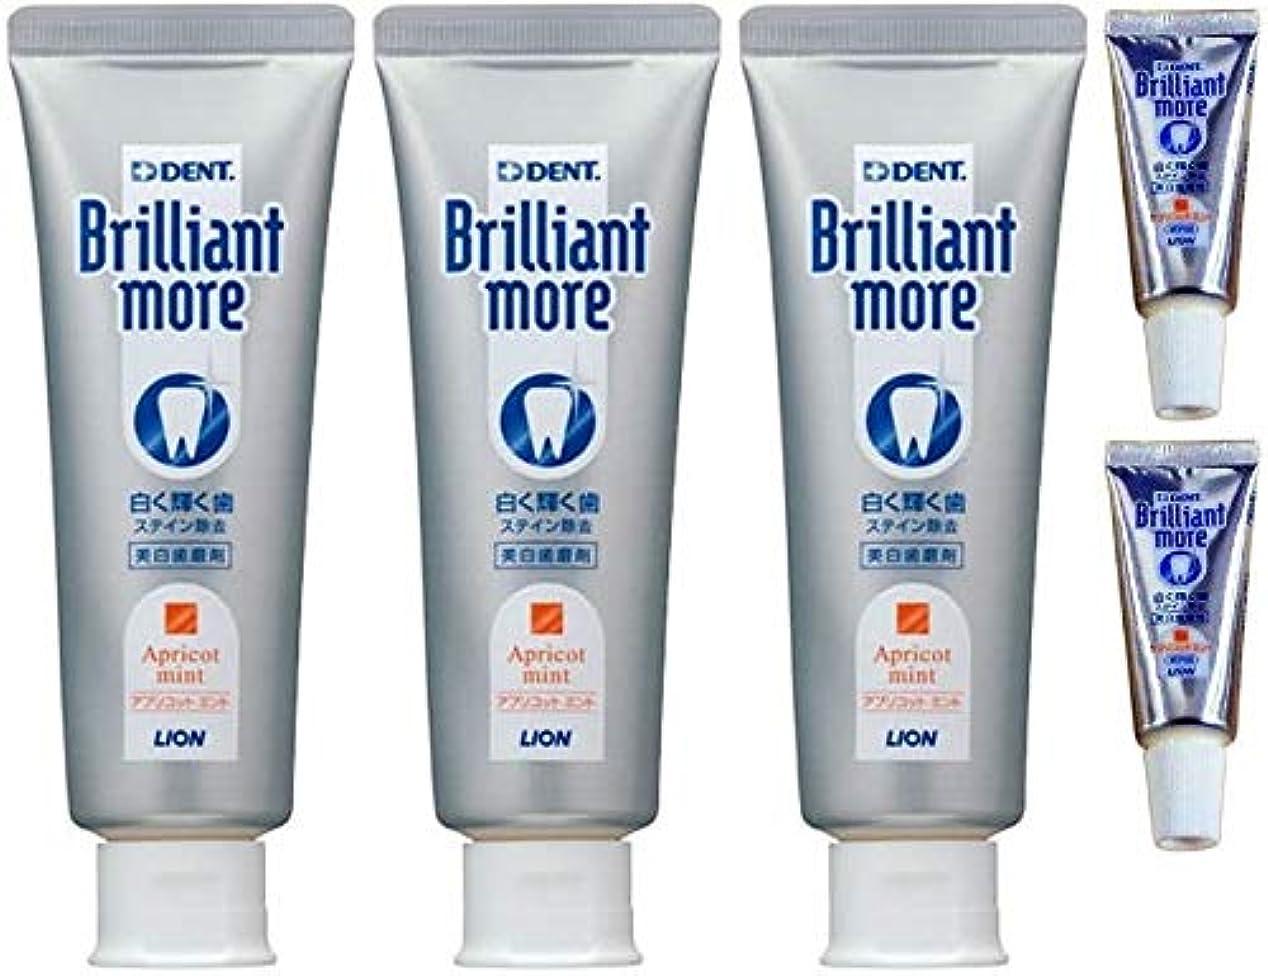 キャプション指定する協力するライオン ブリリアントモア アプリコットミント 歯科用 美白歯磨剤 90g×3本 (試供品 20g×2本付き)期間限定